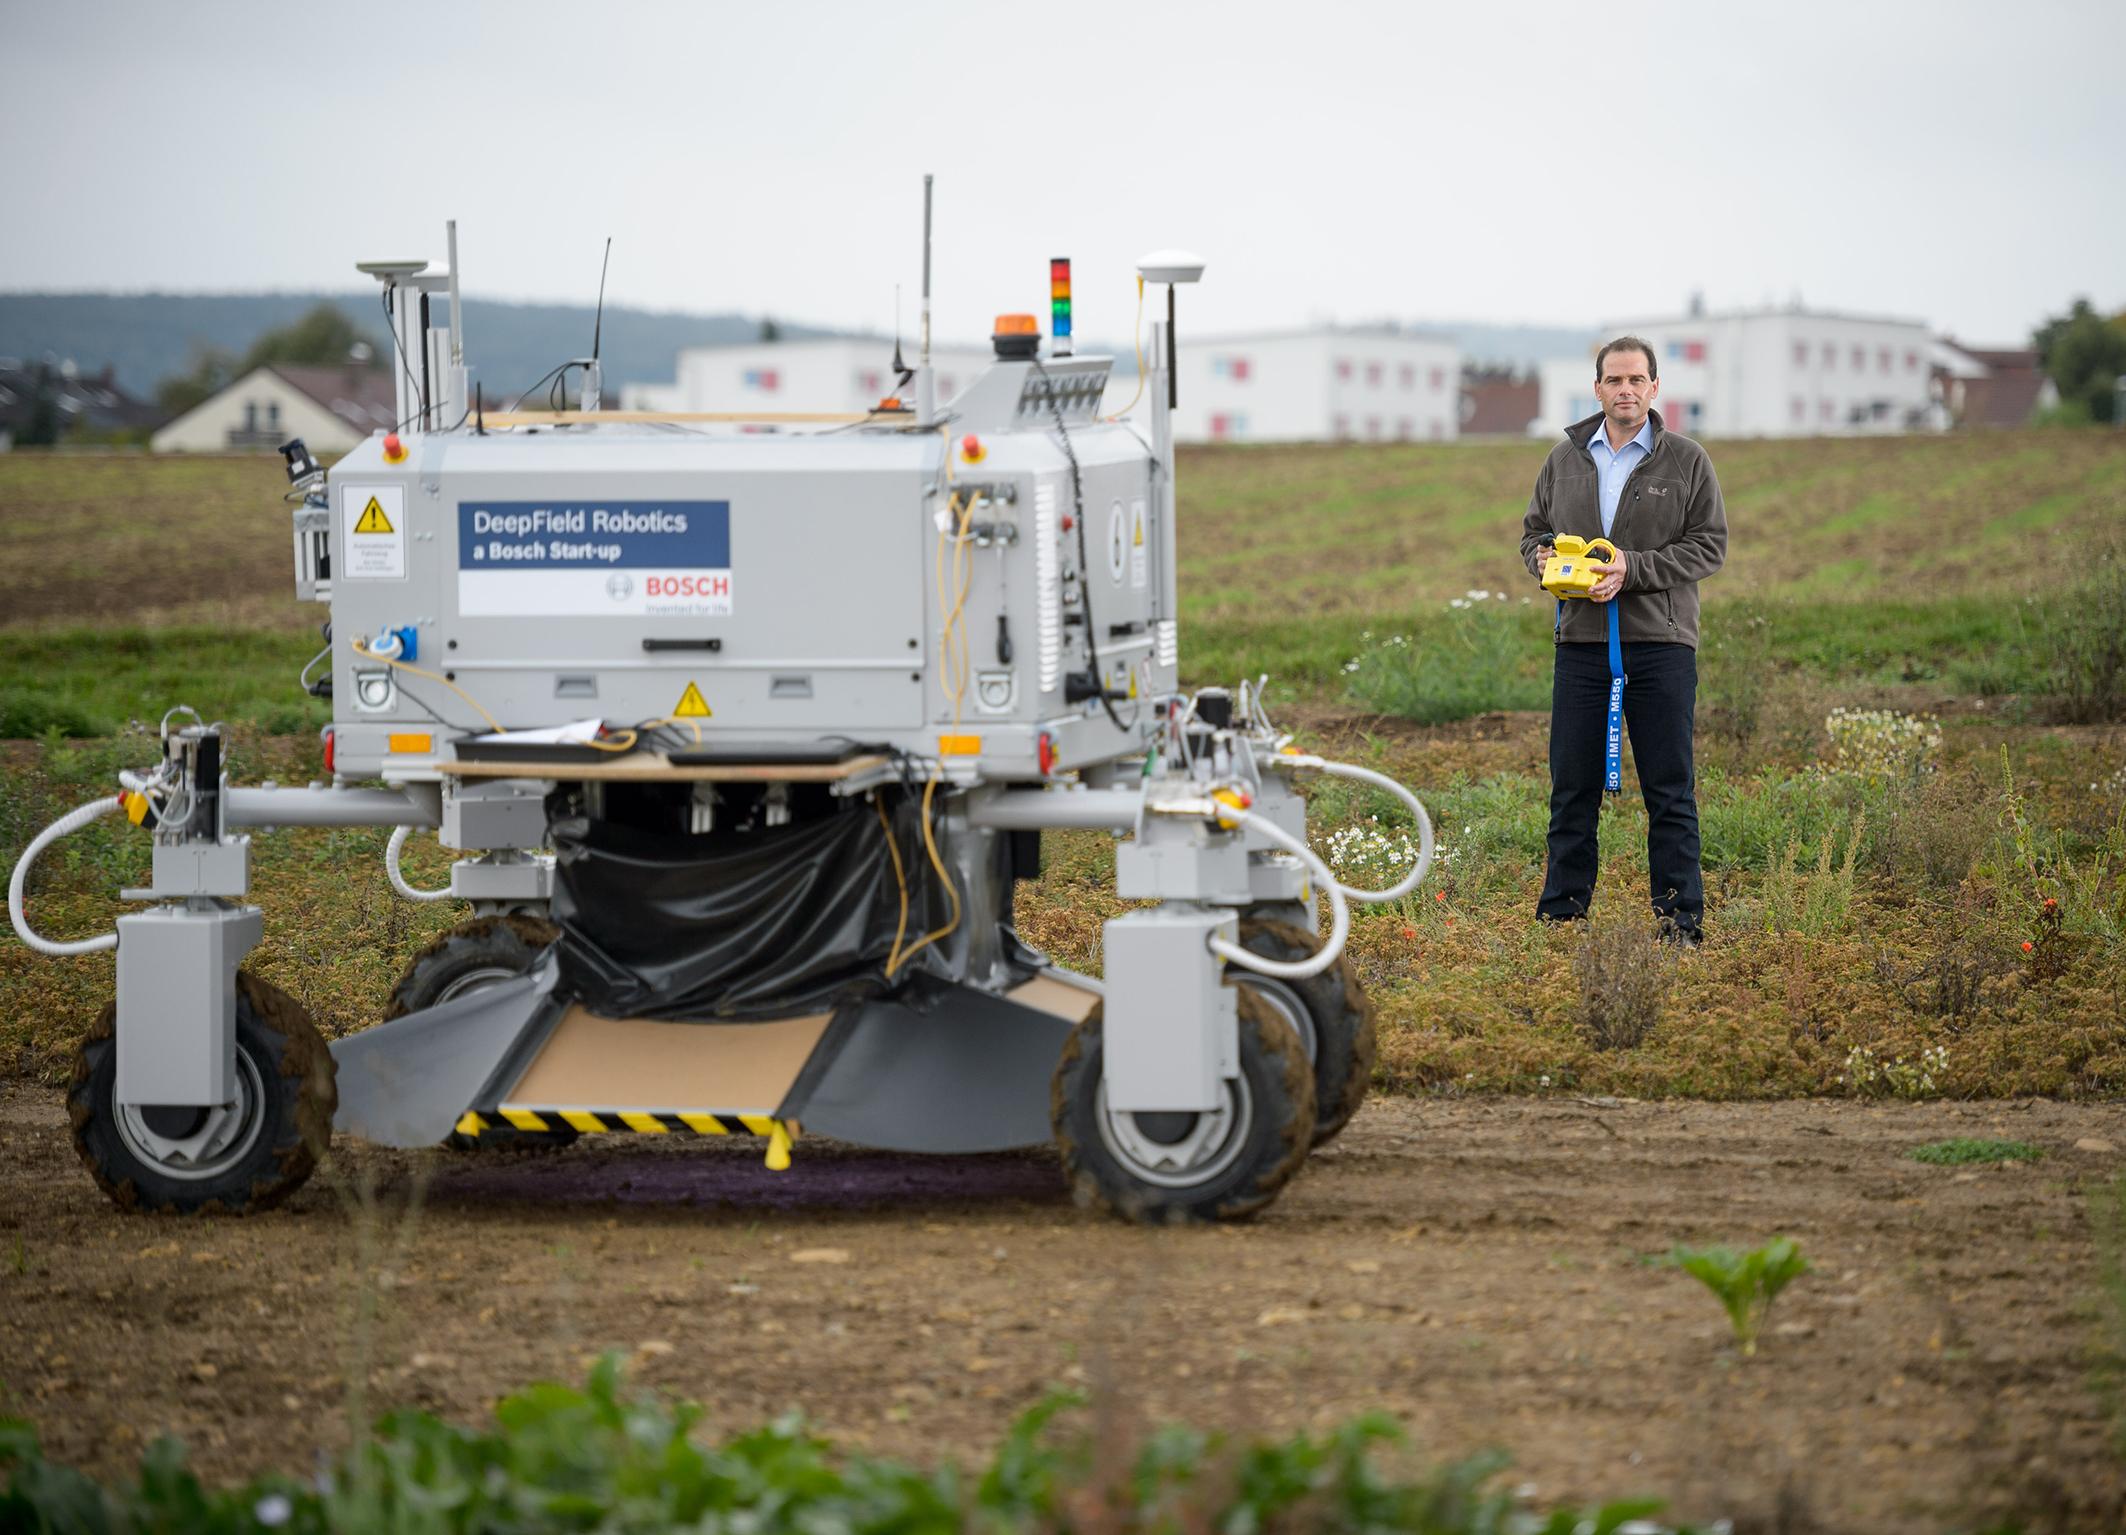 Infografik: Agrarrobotik bei Bosch – neuer Helfer in der Pflanzenzucht